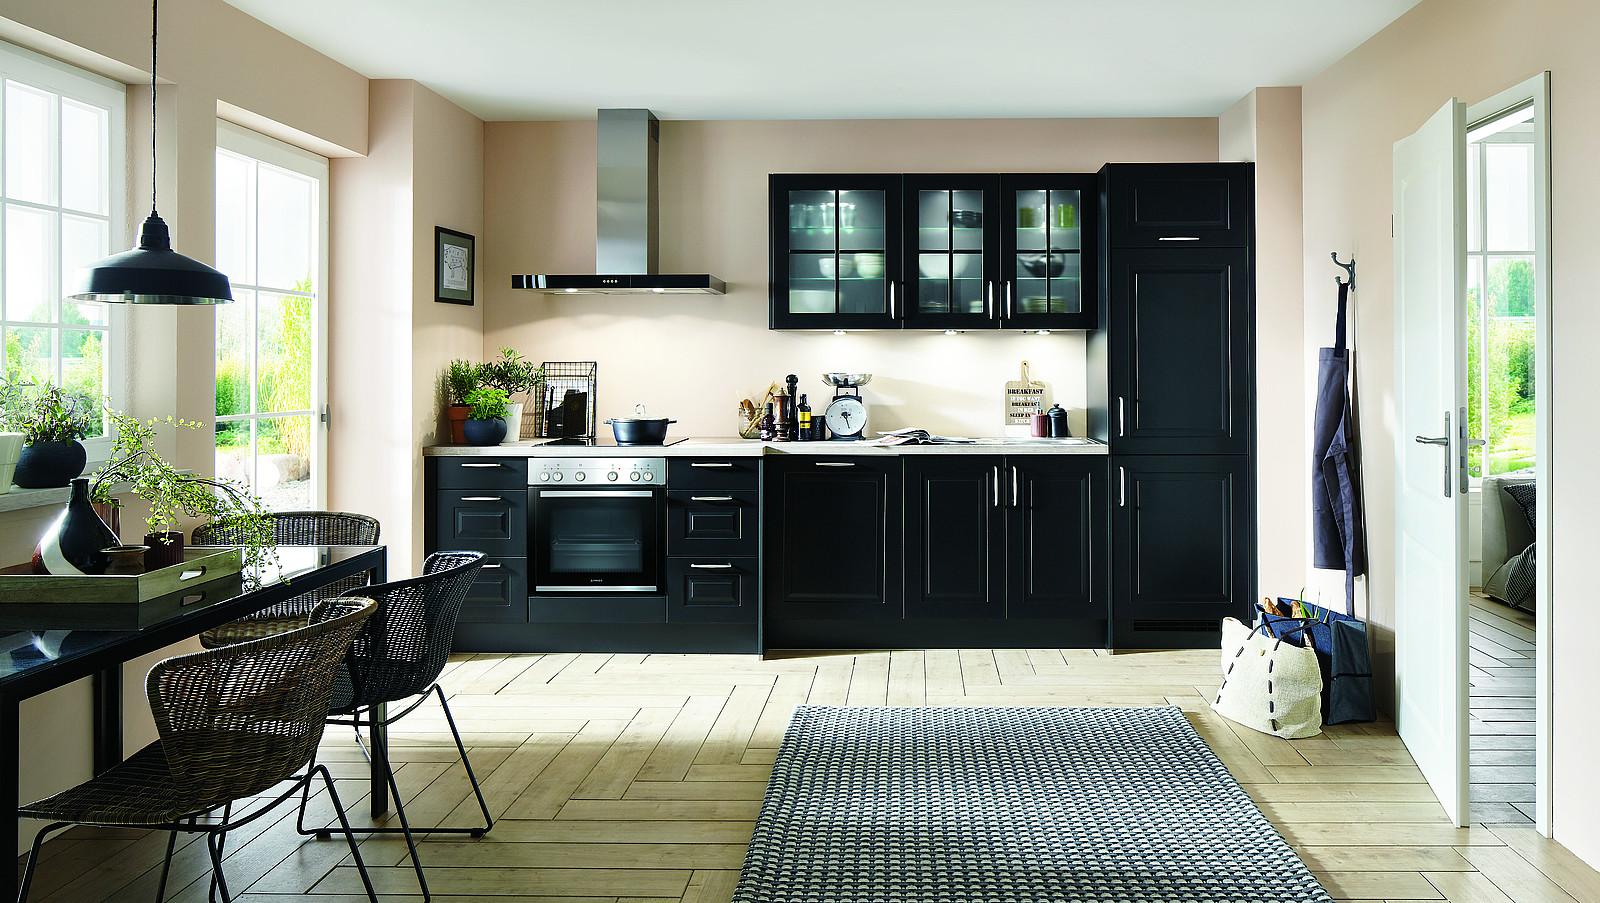 Full Size of Küchenboden Schwarz Weiß Boden Teppich Küche Bodenbelag Küche Vintage Boden Unter Küche Küche Bodenbelag Küche